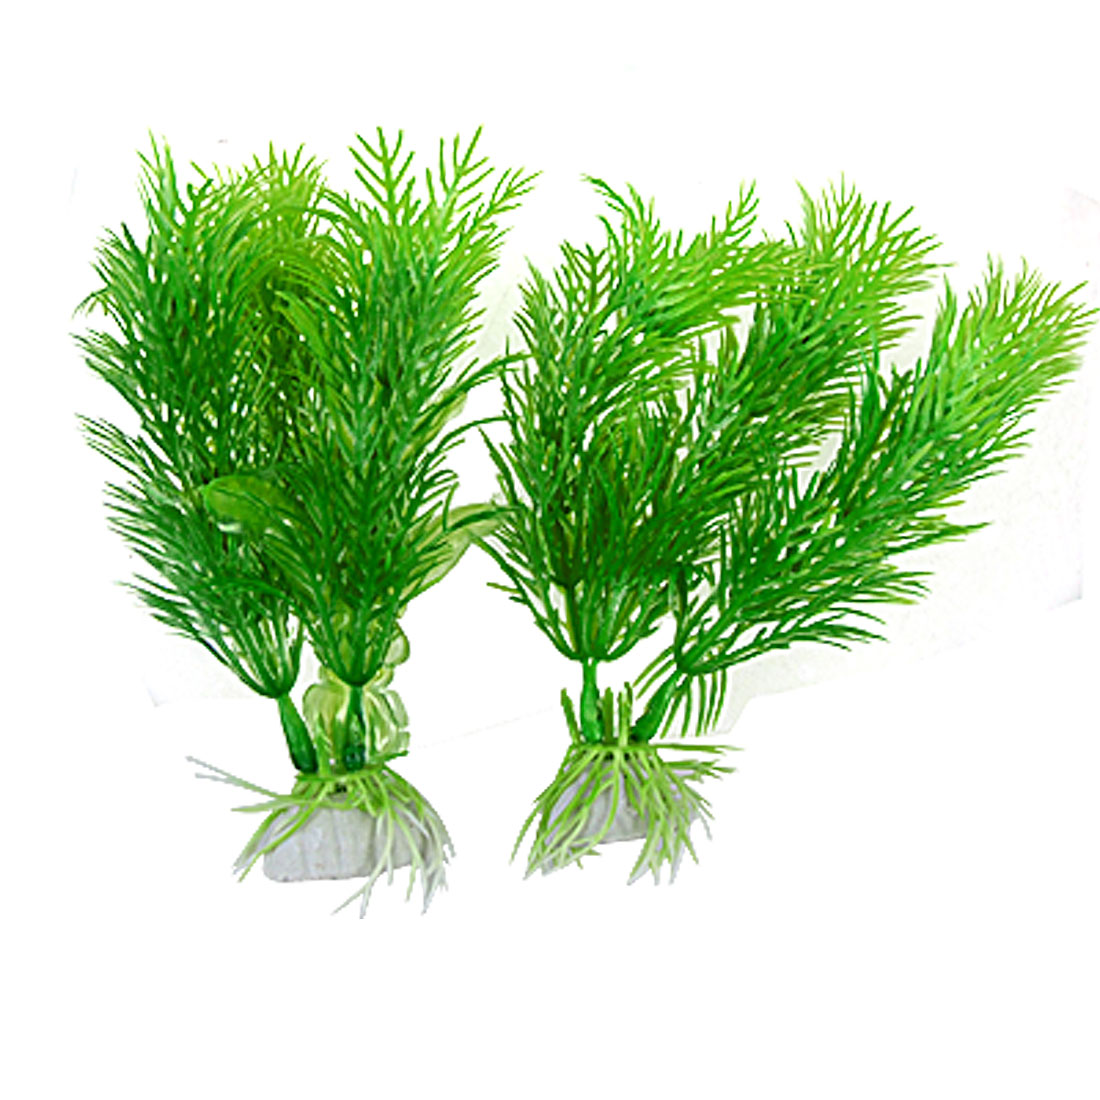 2Pcs Green Plastic Hottonia Inflata Plants Ornament for Aquarium Fish Tank